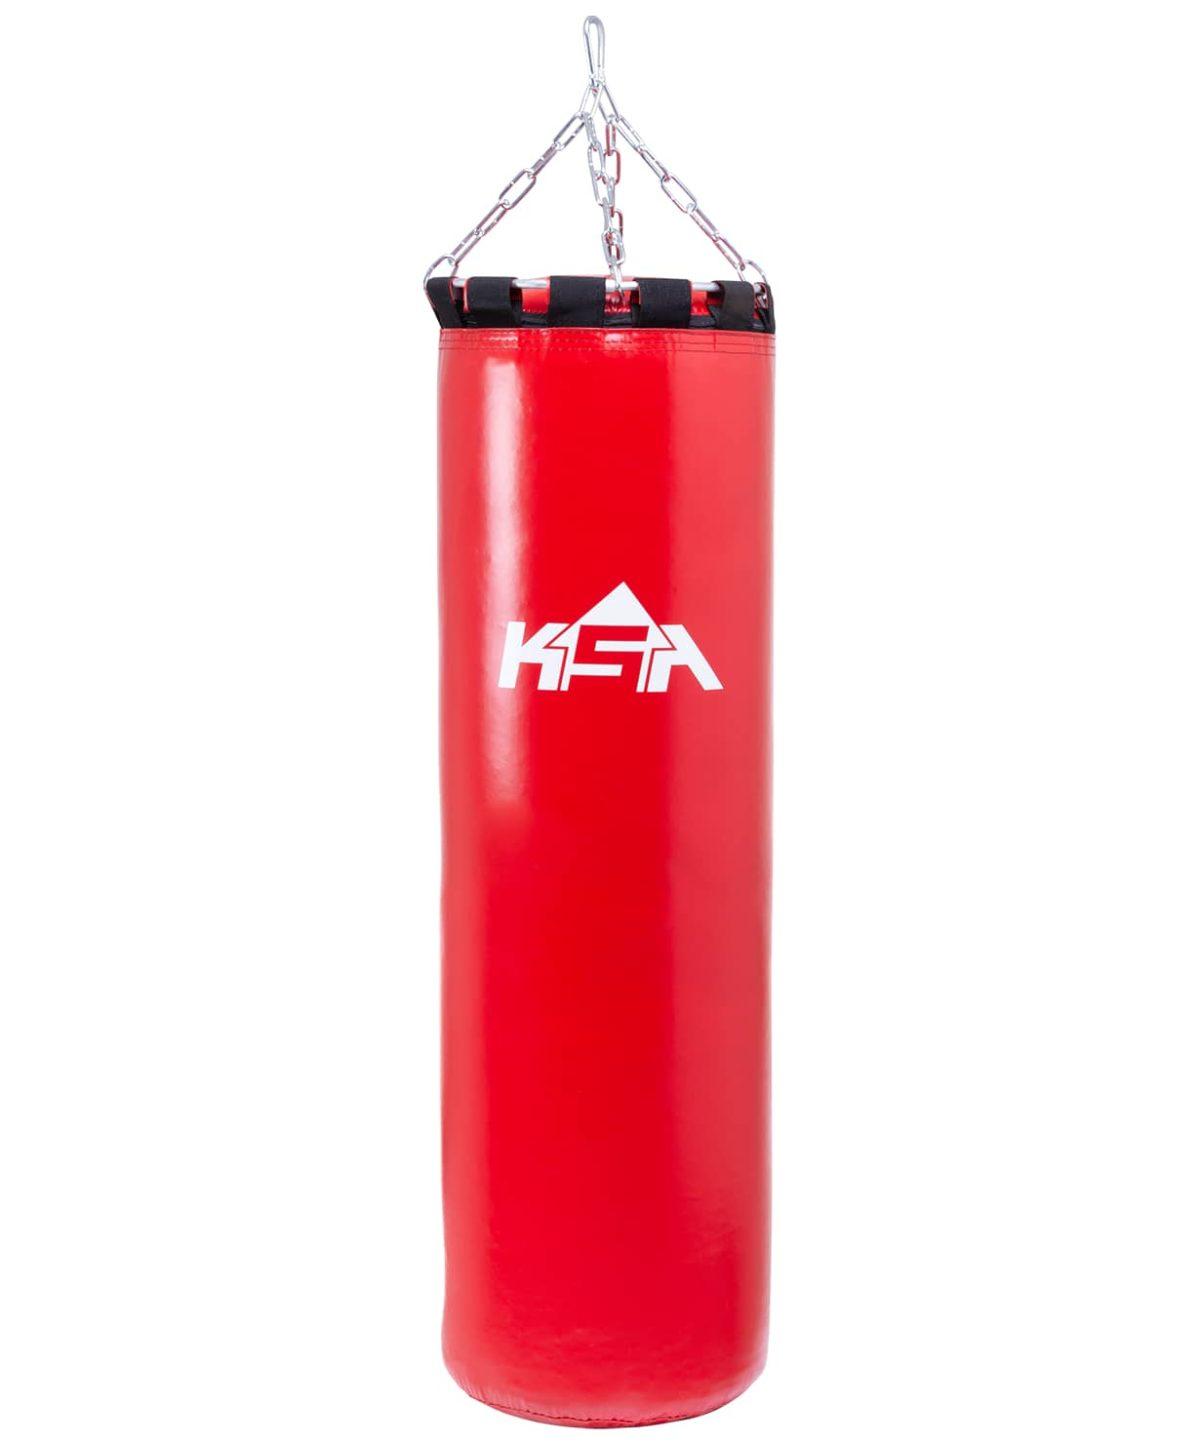 KSA Мешок боксерский, 110 см, 40 кг, тент  PB-01 - 1